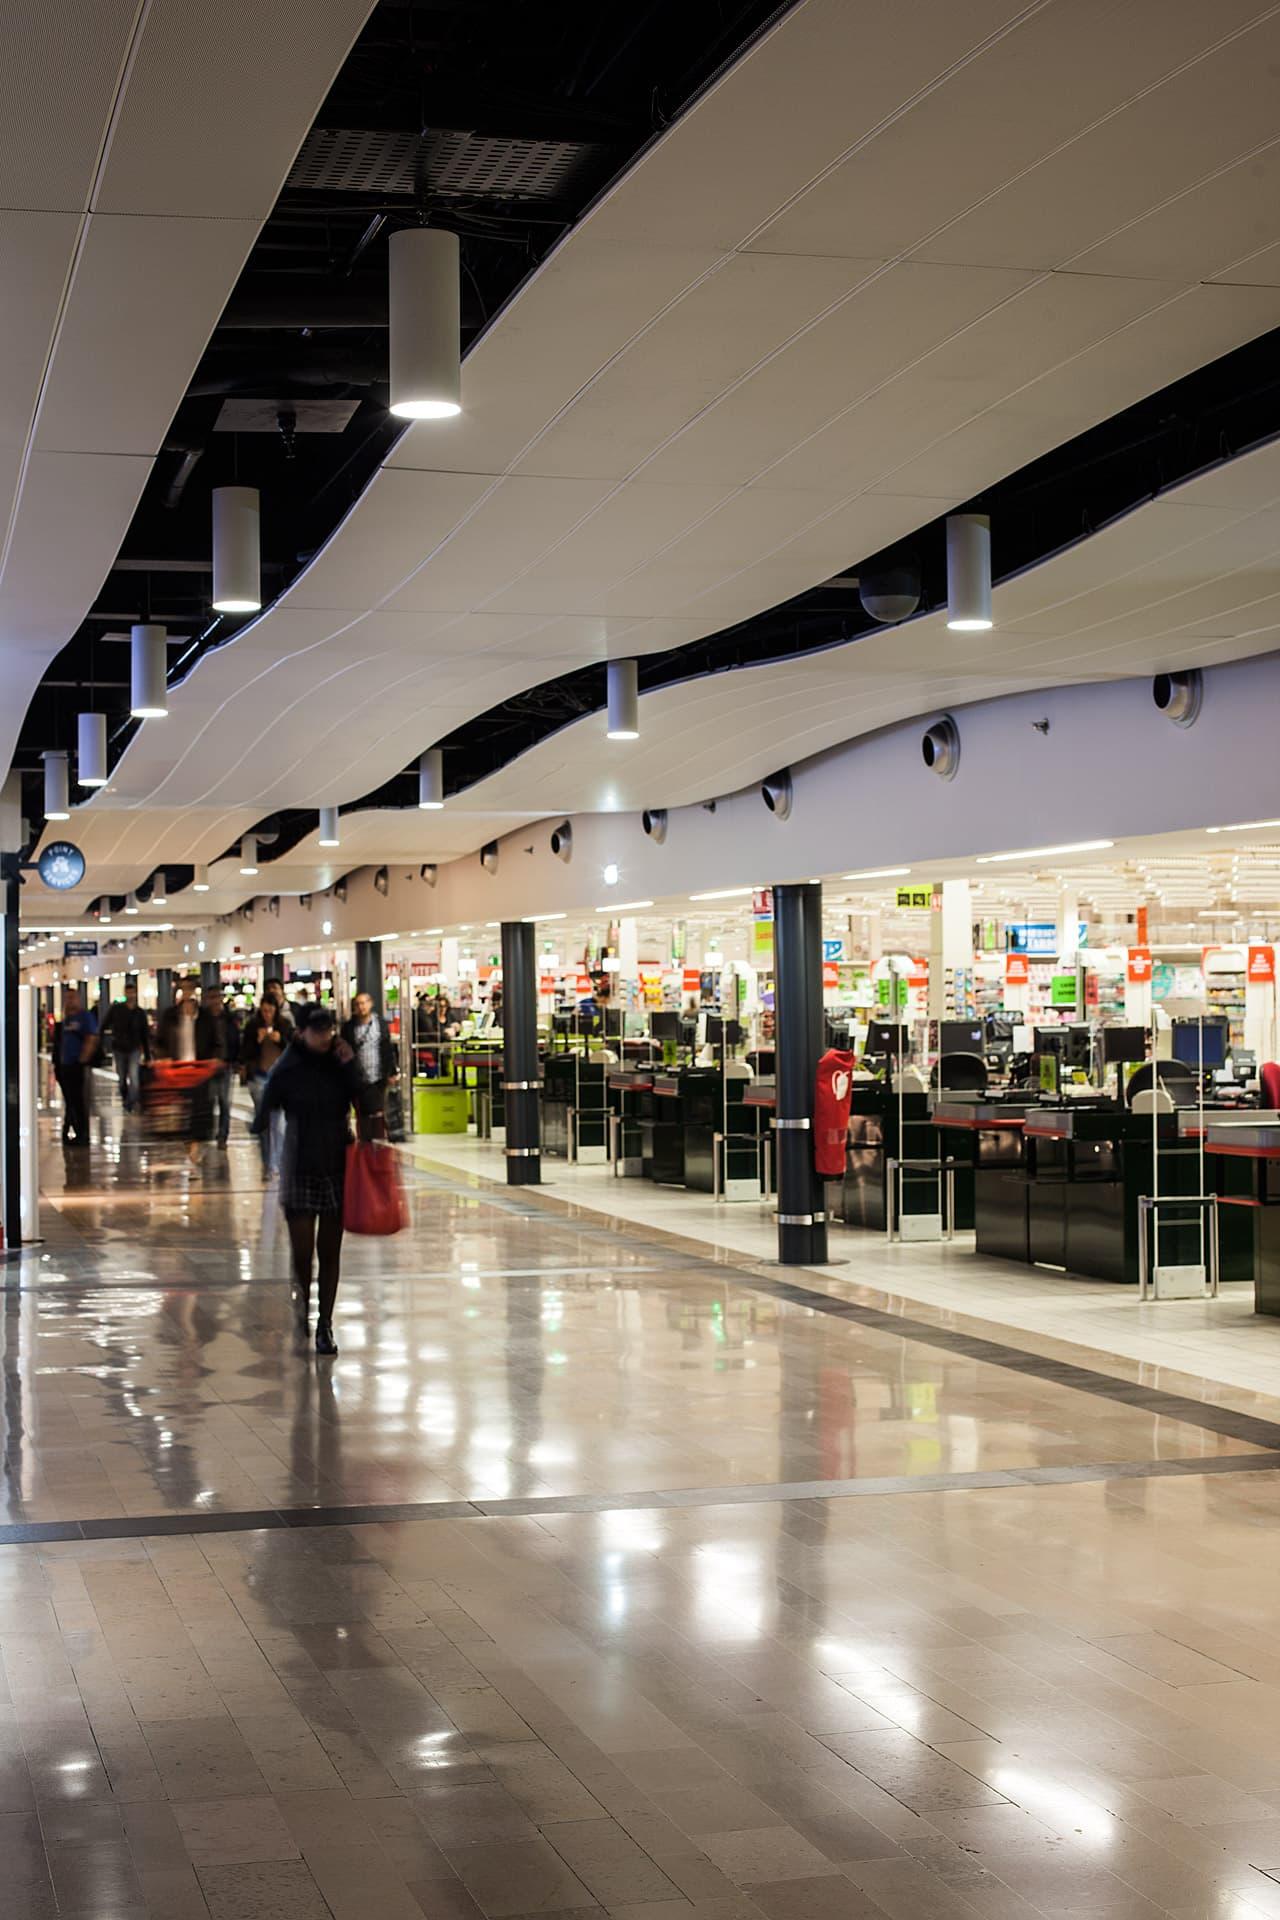 Eclairage d'une allée dans le centre commerciale Auchan La seyne sur mer